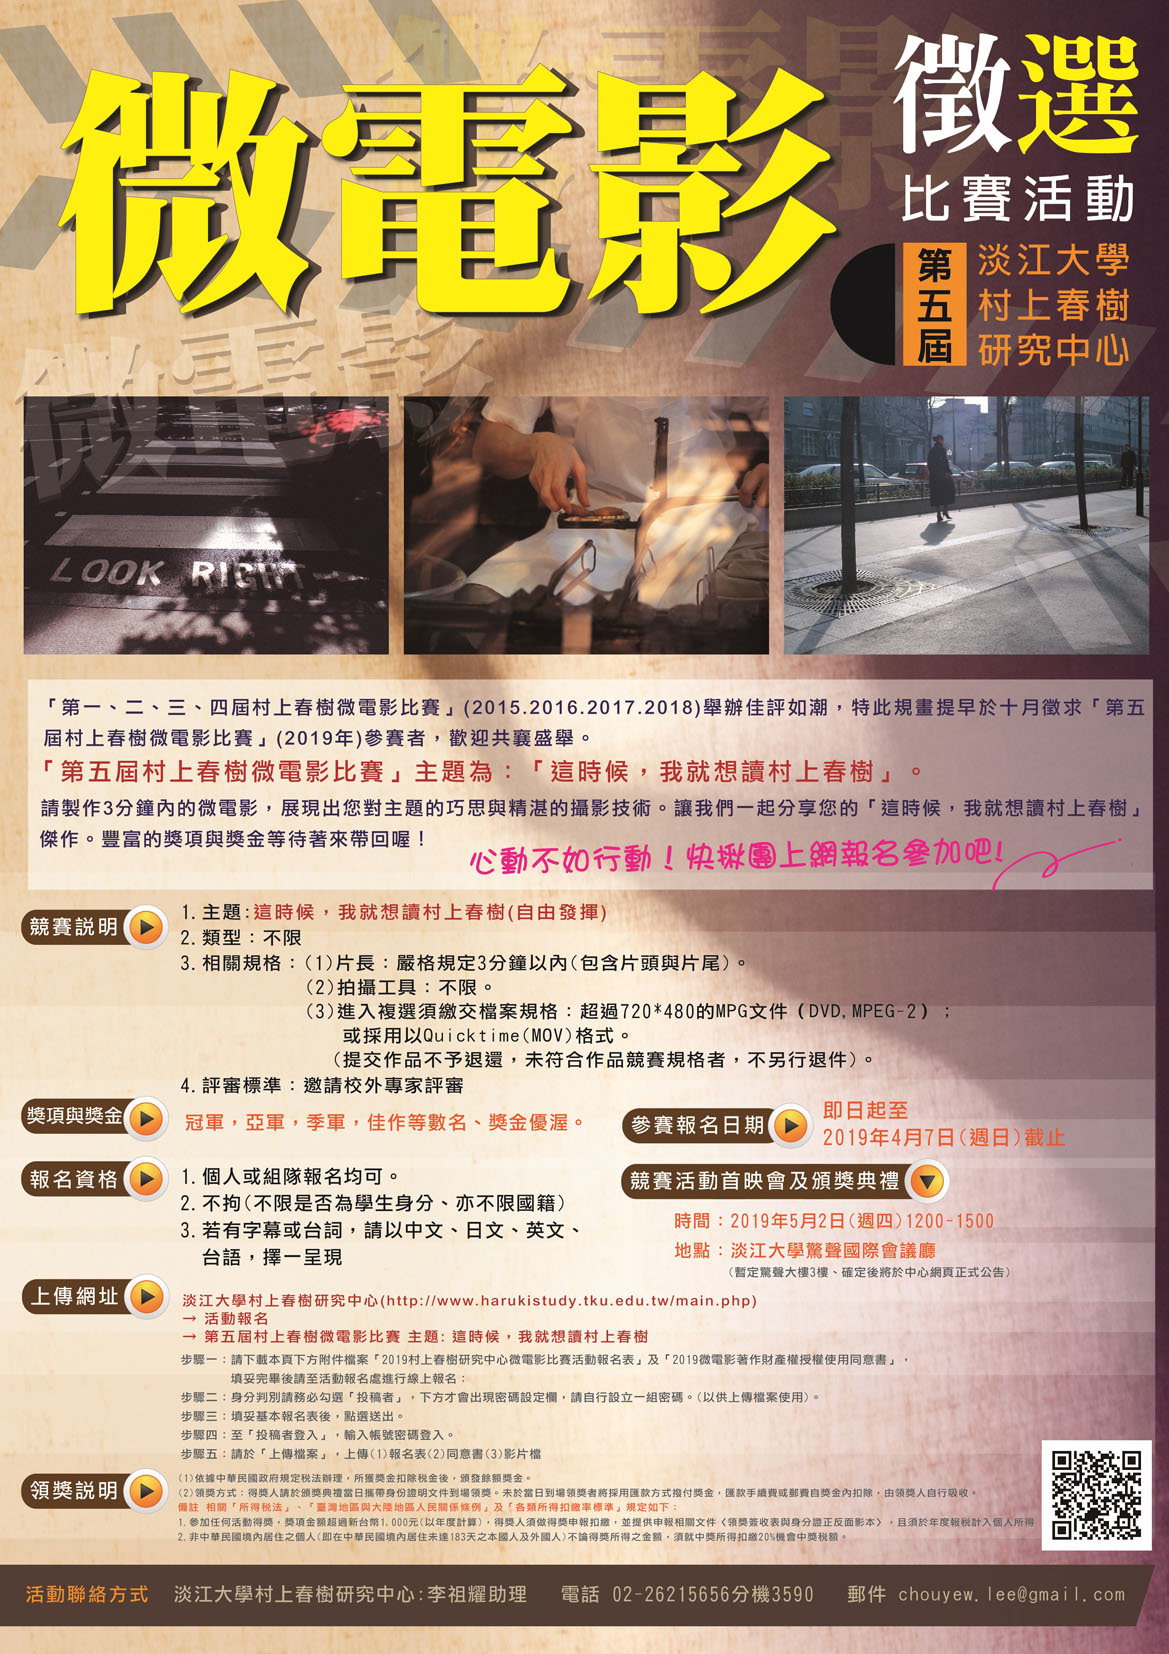 活動海報:2019年第5屆村上春樹微電影比賽海報